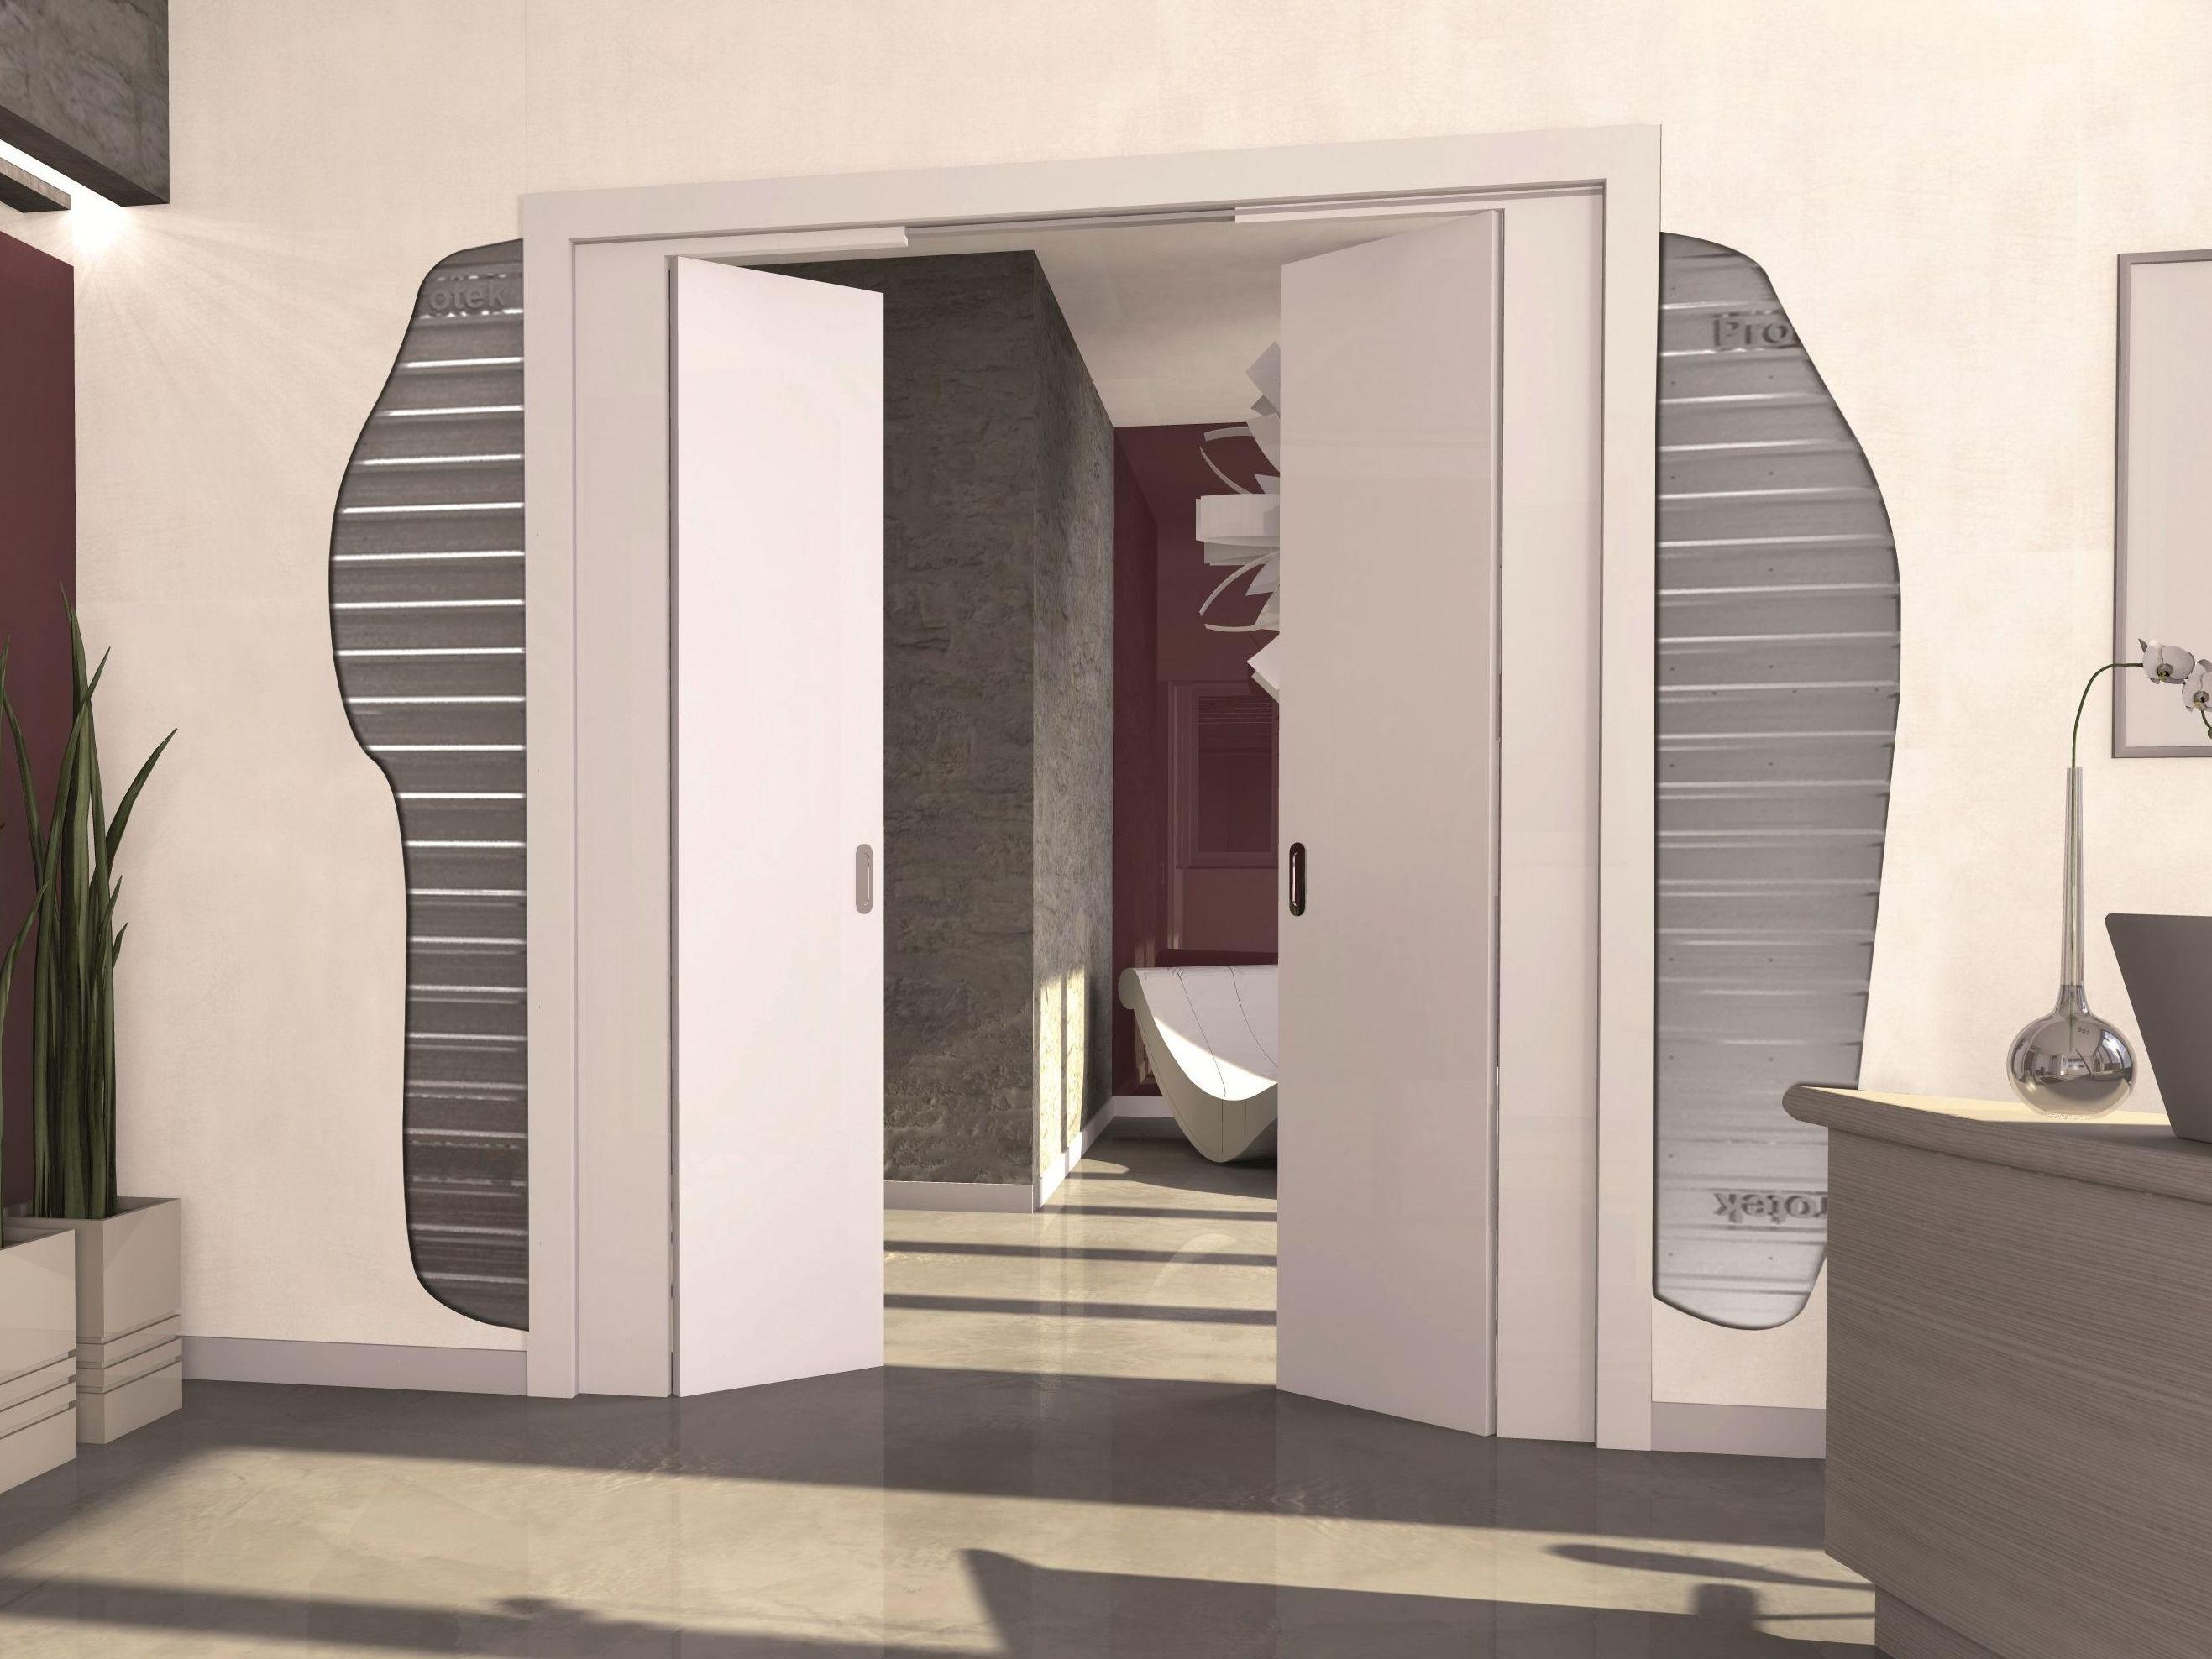 schiebet r system f r doppel schiebet ren halb aussen doppelt by protek. Black Bedroom Furniture Sets. Home Design Ideas